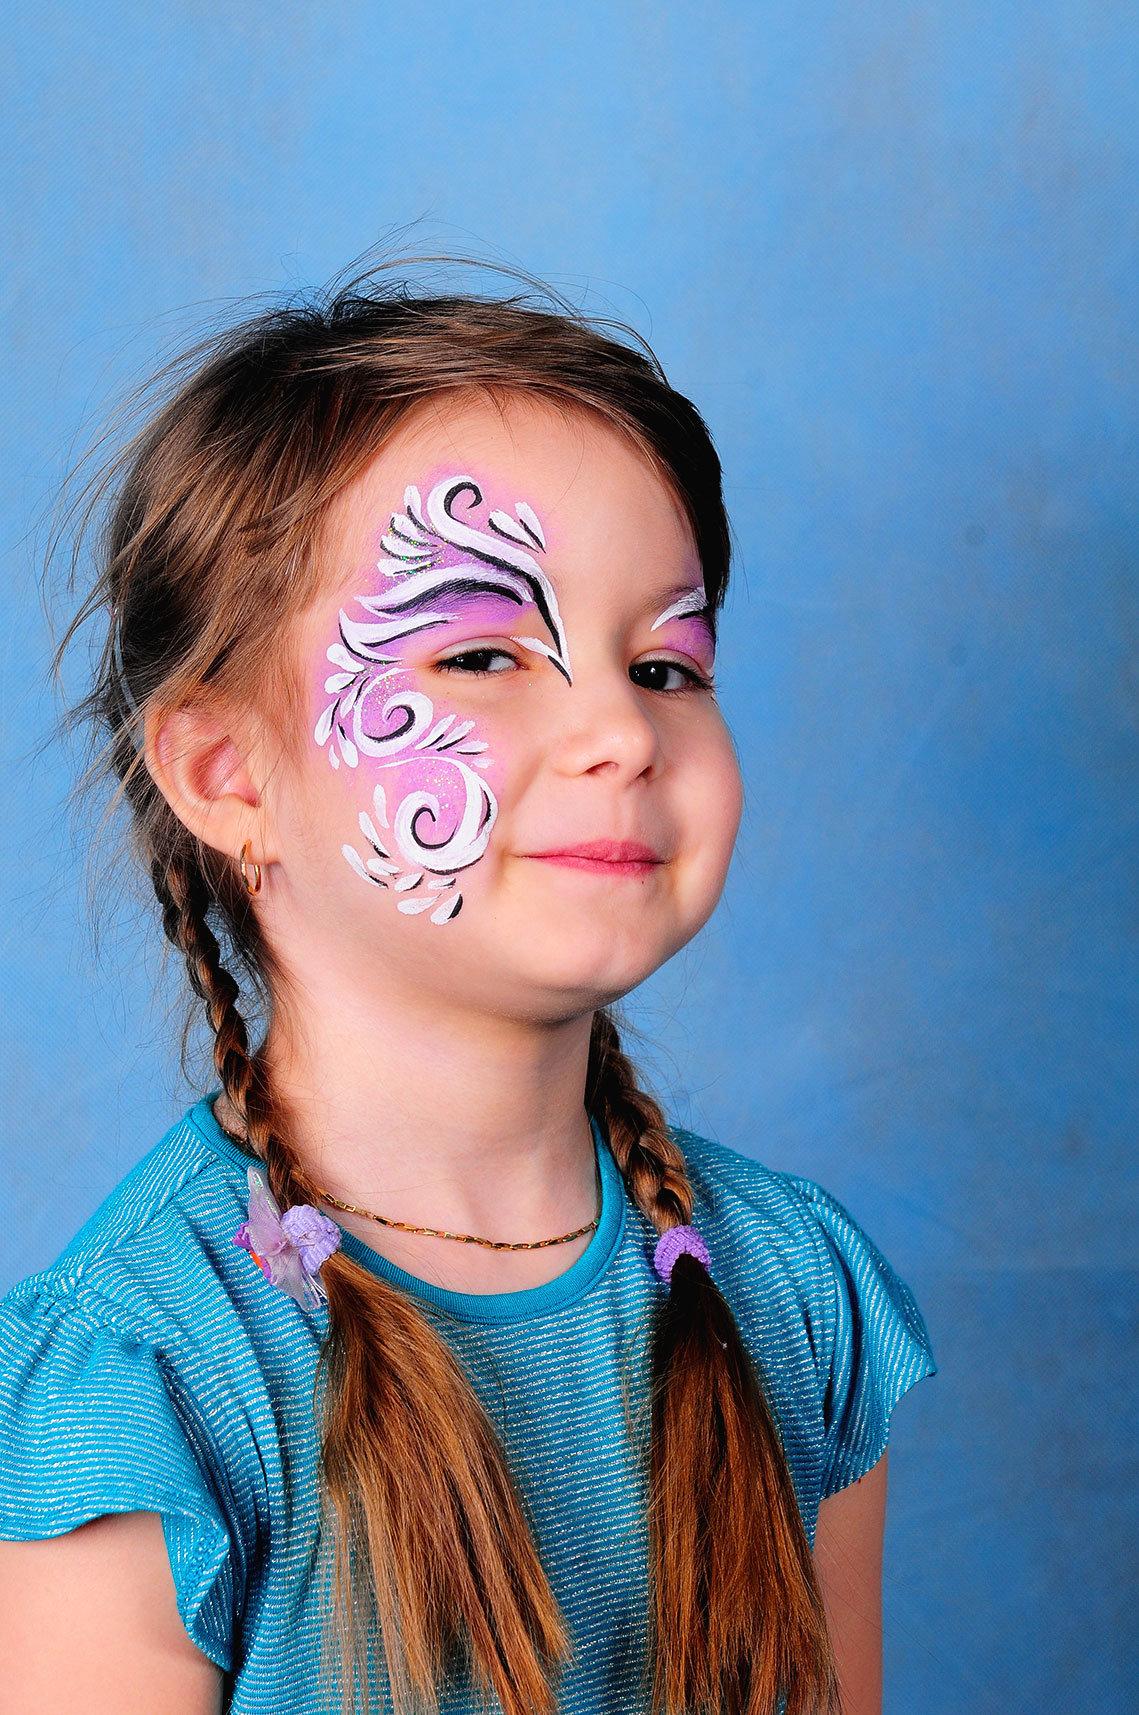 картинки рисунки на лице легко и просто полноценный курс лечения